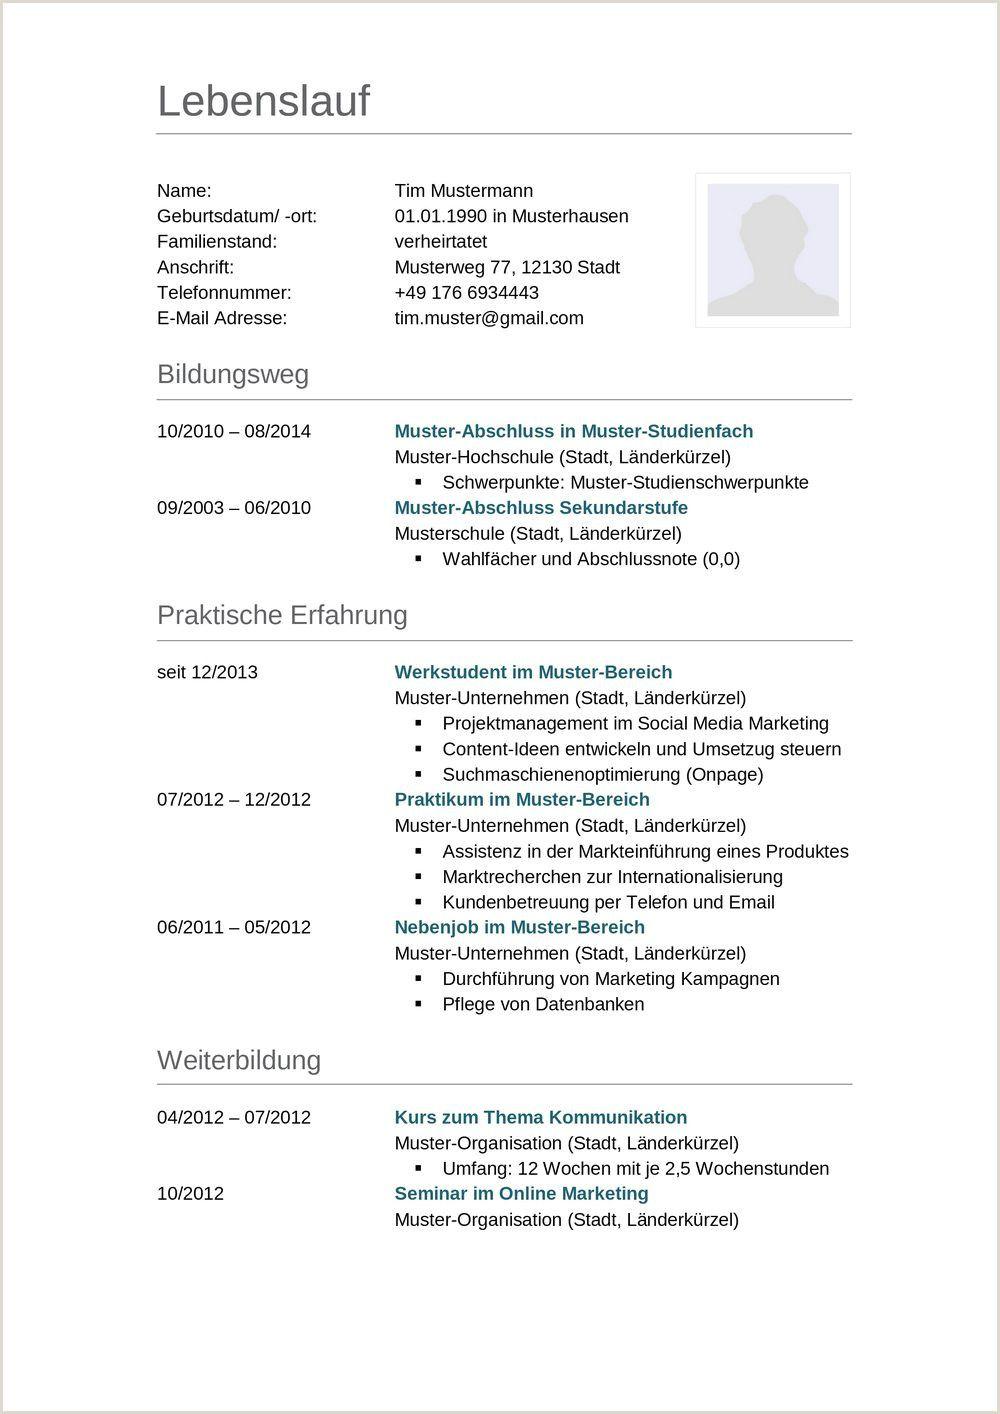 Lebenslauf Muster Schuler Schweiz In 2020 Resume Words Resume Template Free Resume Template